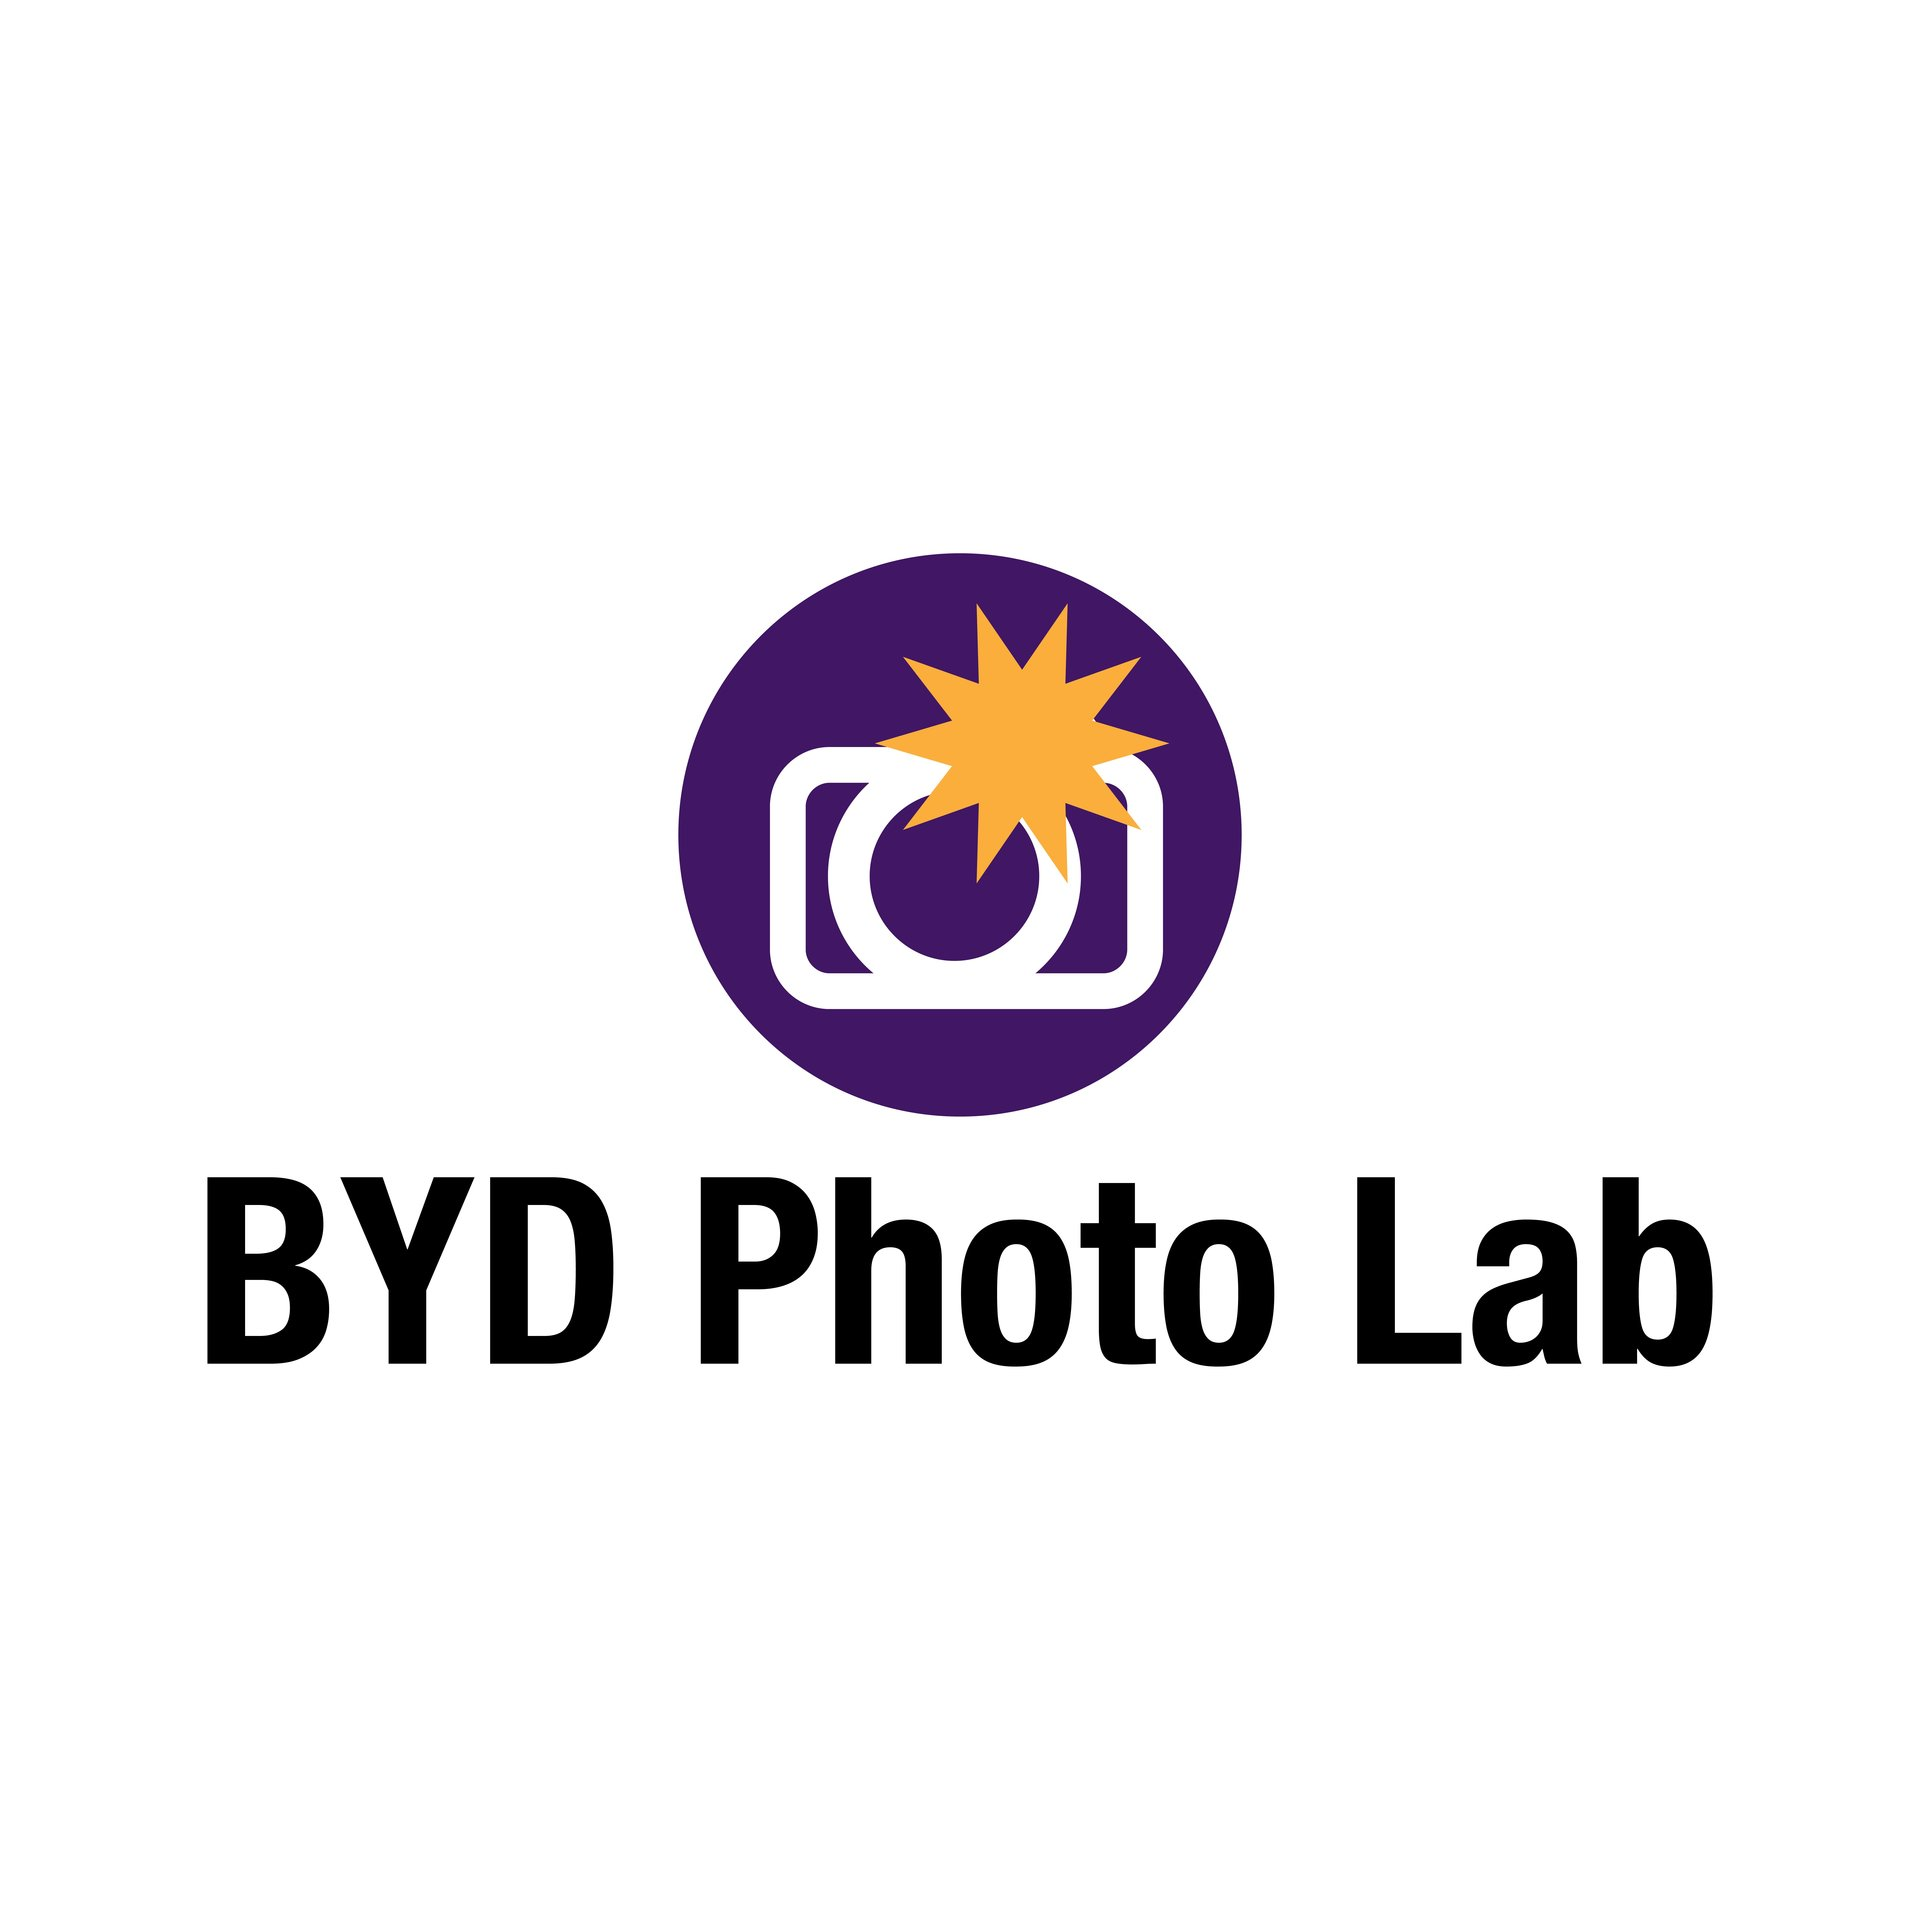 BYD Photo Lab